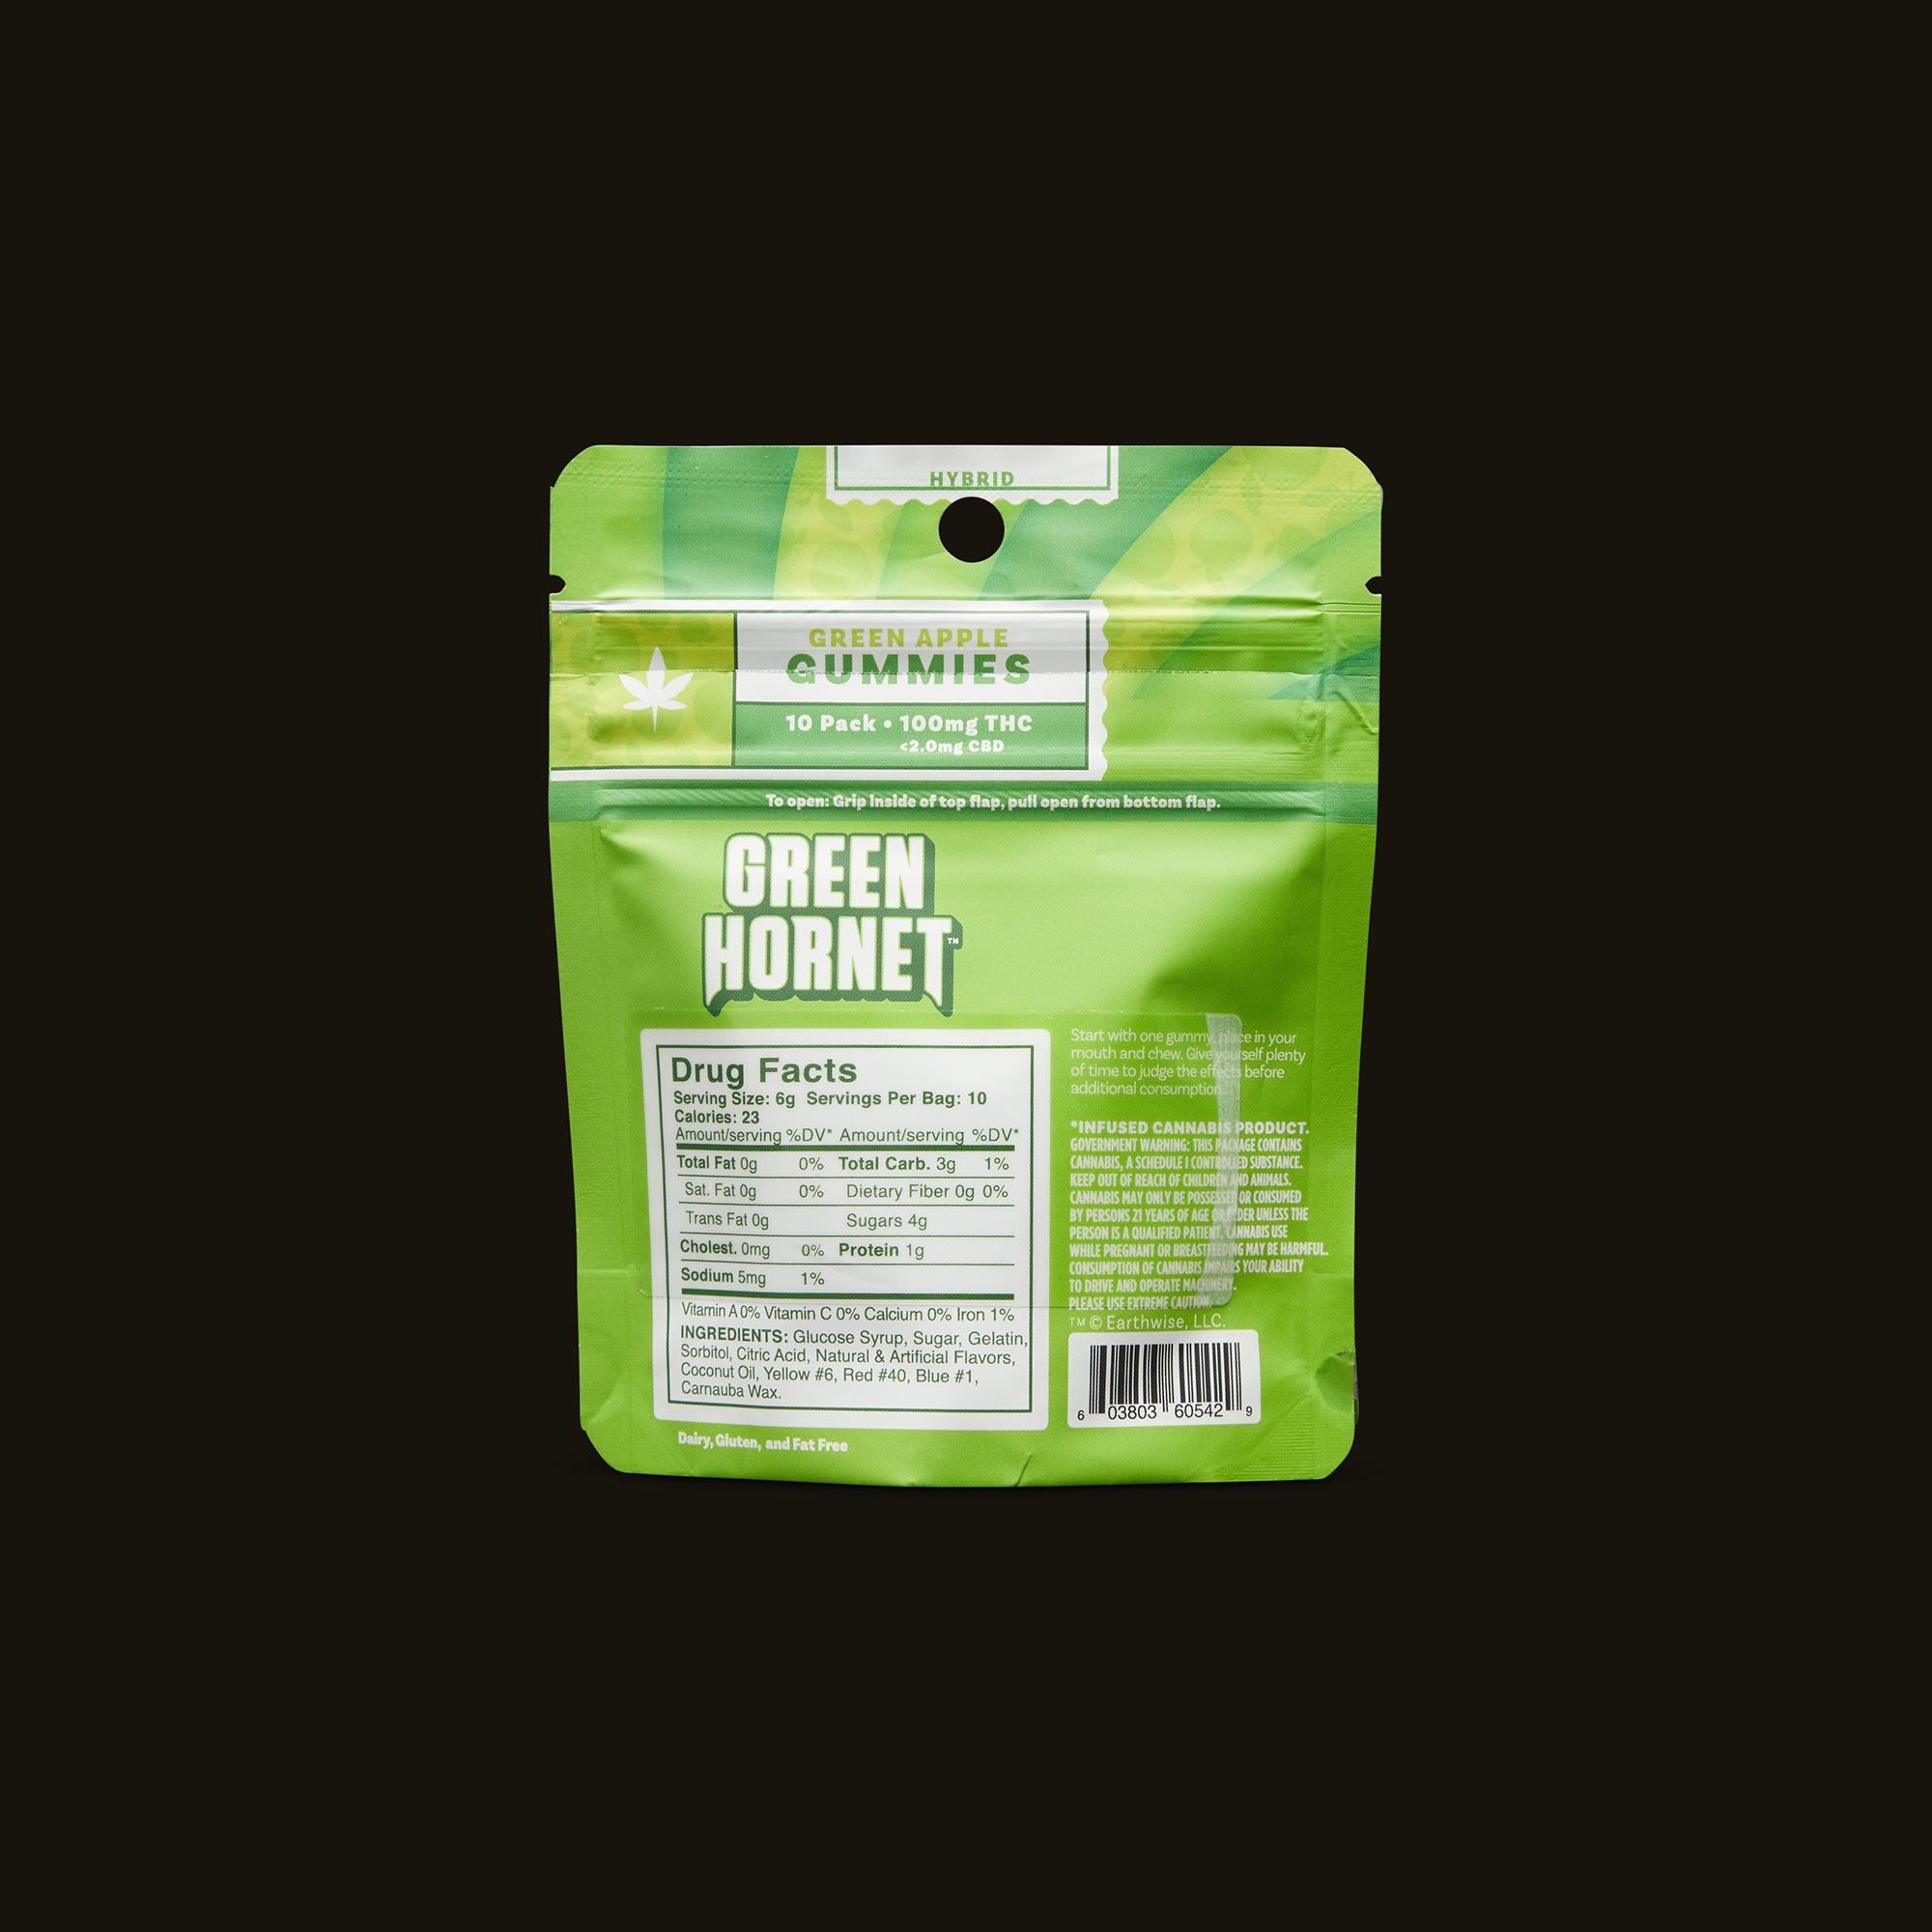 Green Hornet Hybrid Green Apple Gummies Ingredients